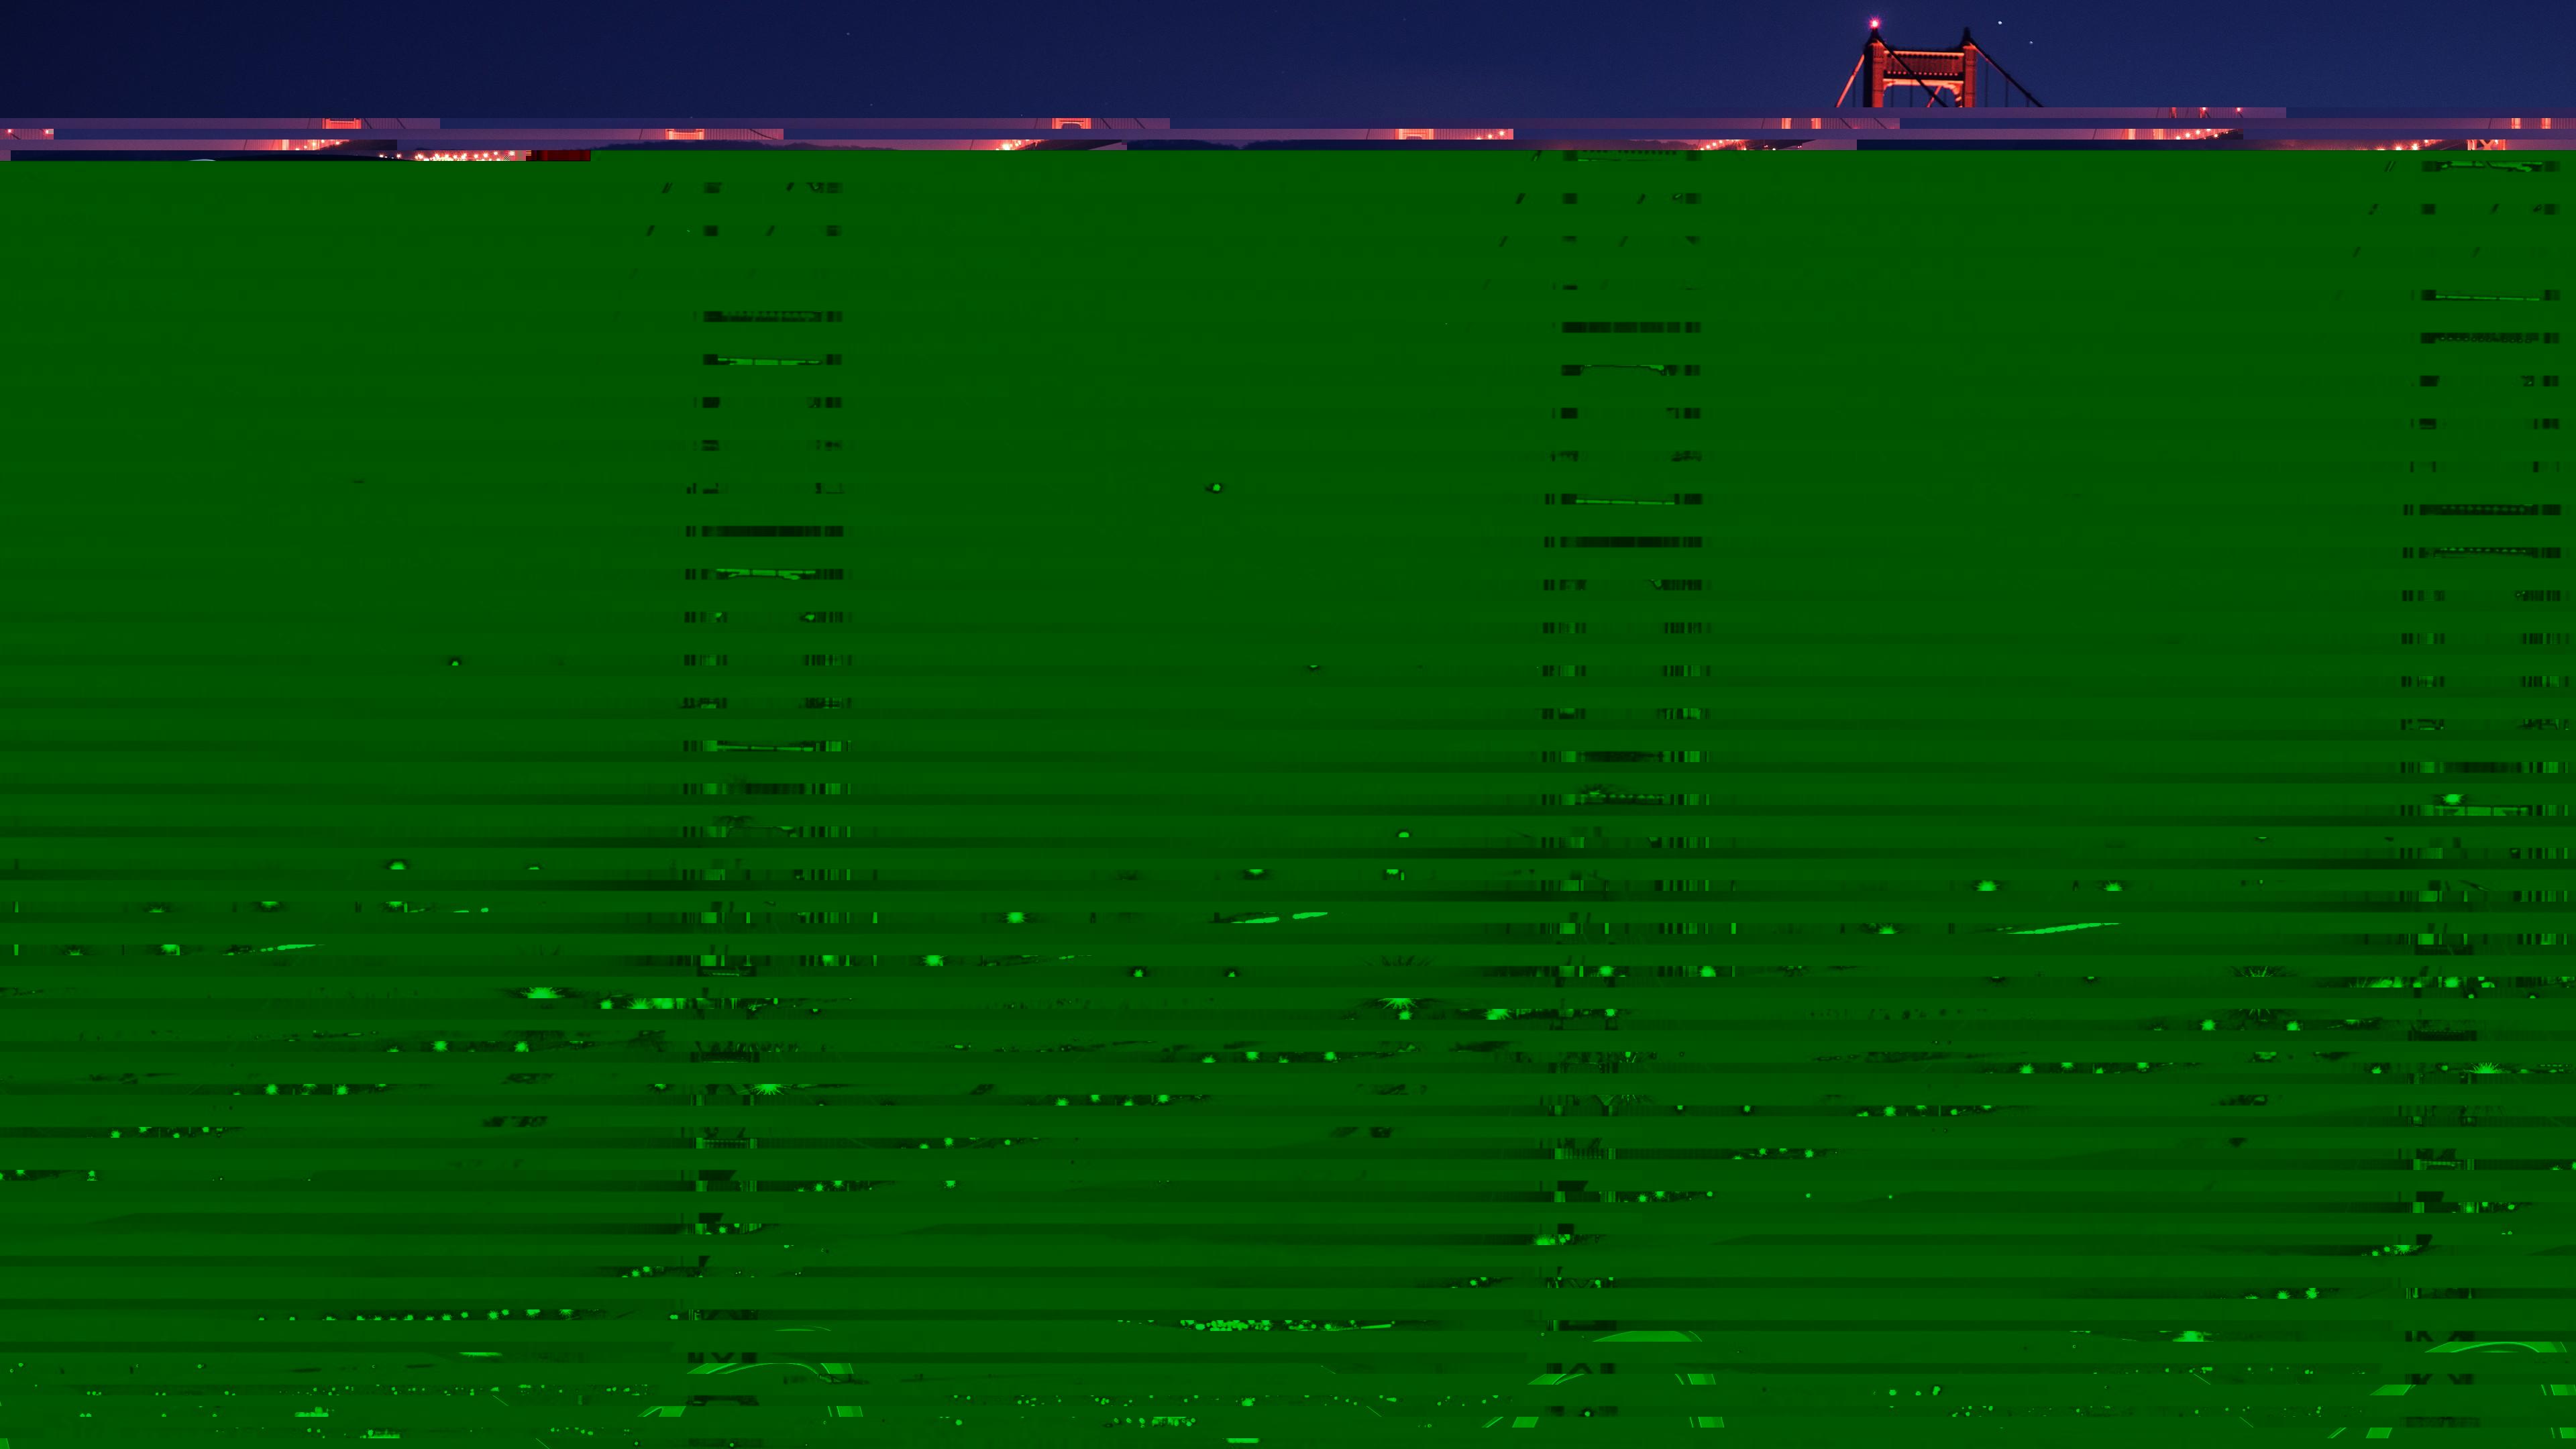 Темно-зеленые жалюзи с проникающим блеском неоновых огней